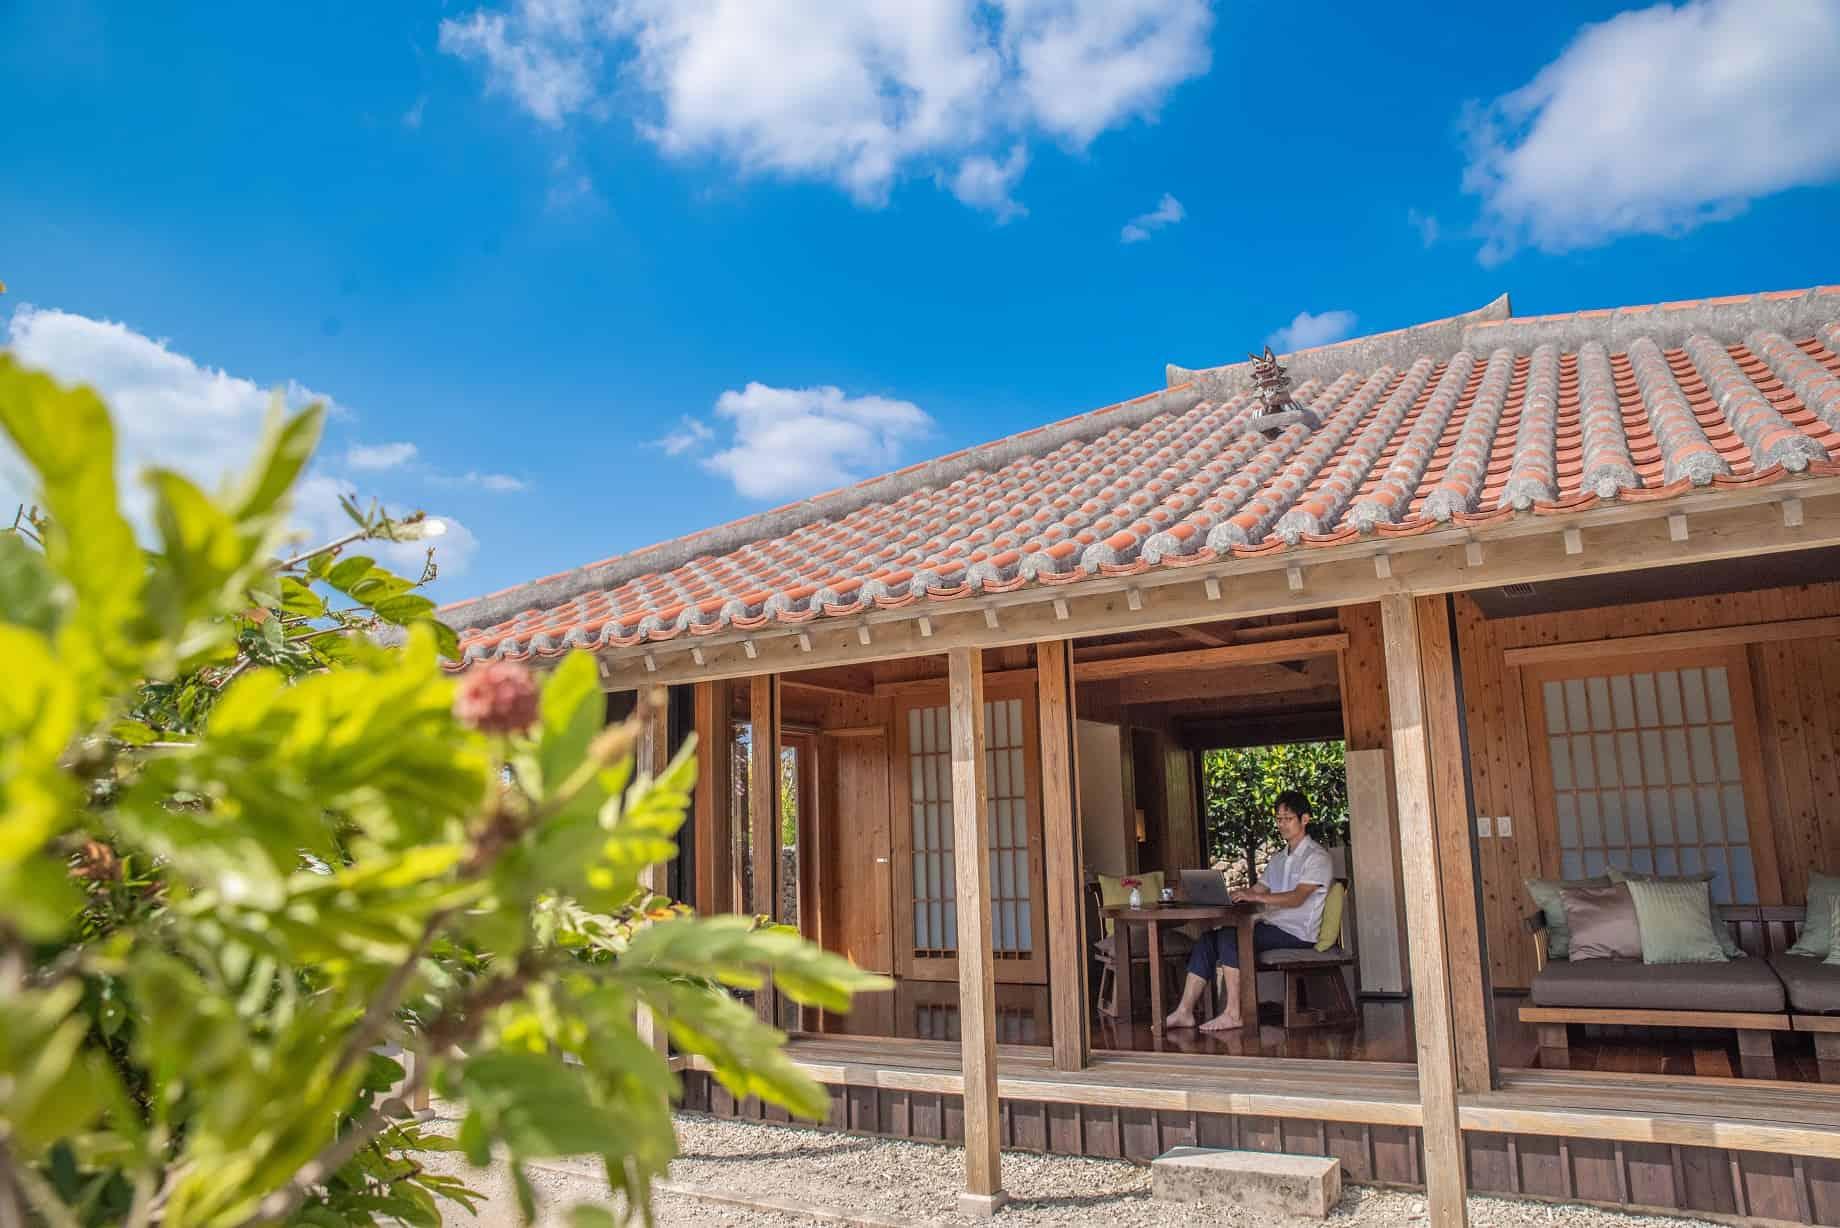 竹富島で暮らすように1カ月滞在する 南風(ぱいかじ)ワーケーション滞在